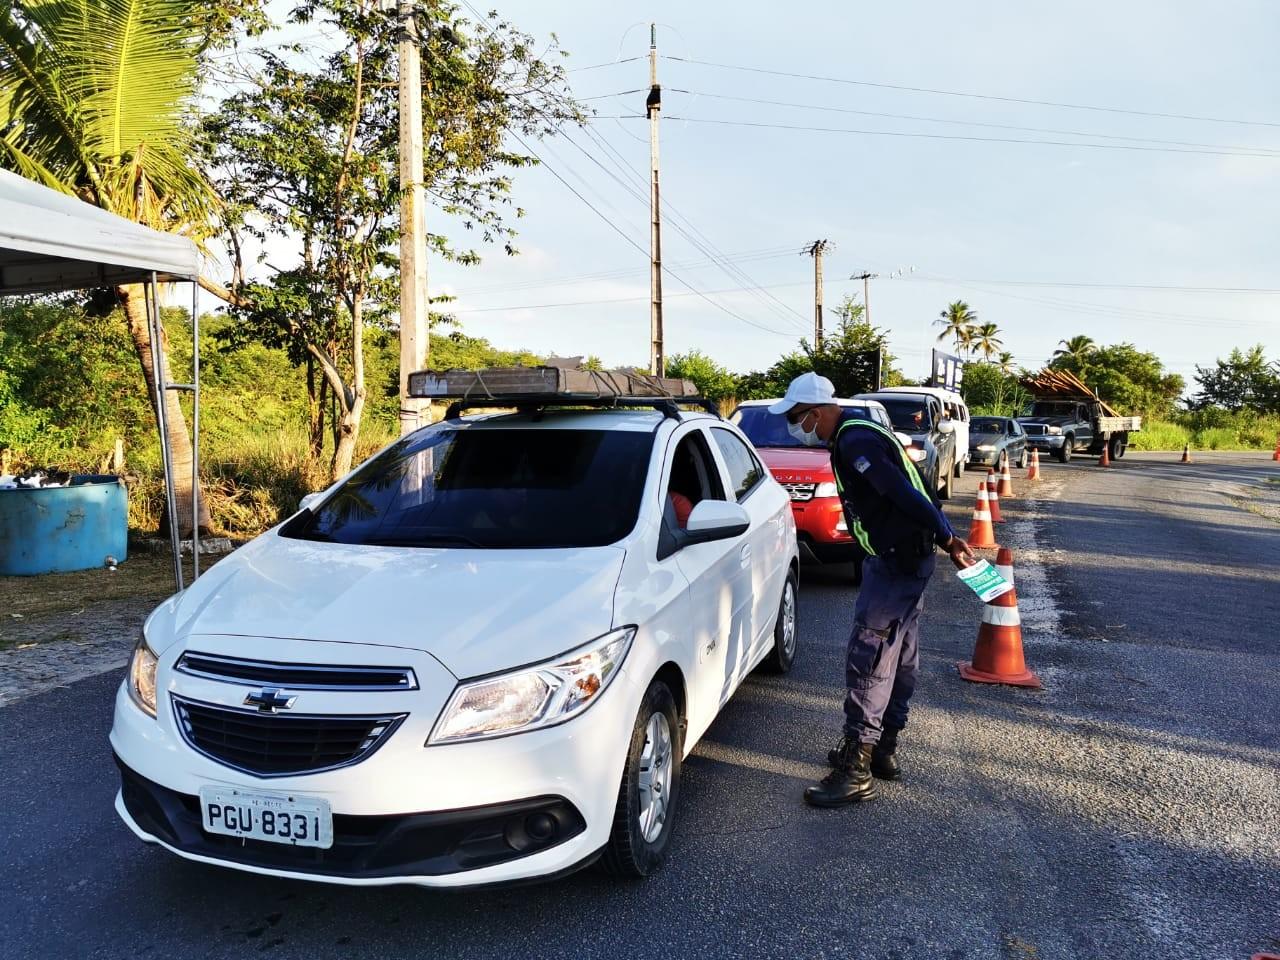 Ilha de Itamaracá renova restrição de entrada de pessoas para tentar conter avanço do novo coronavírus